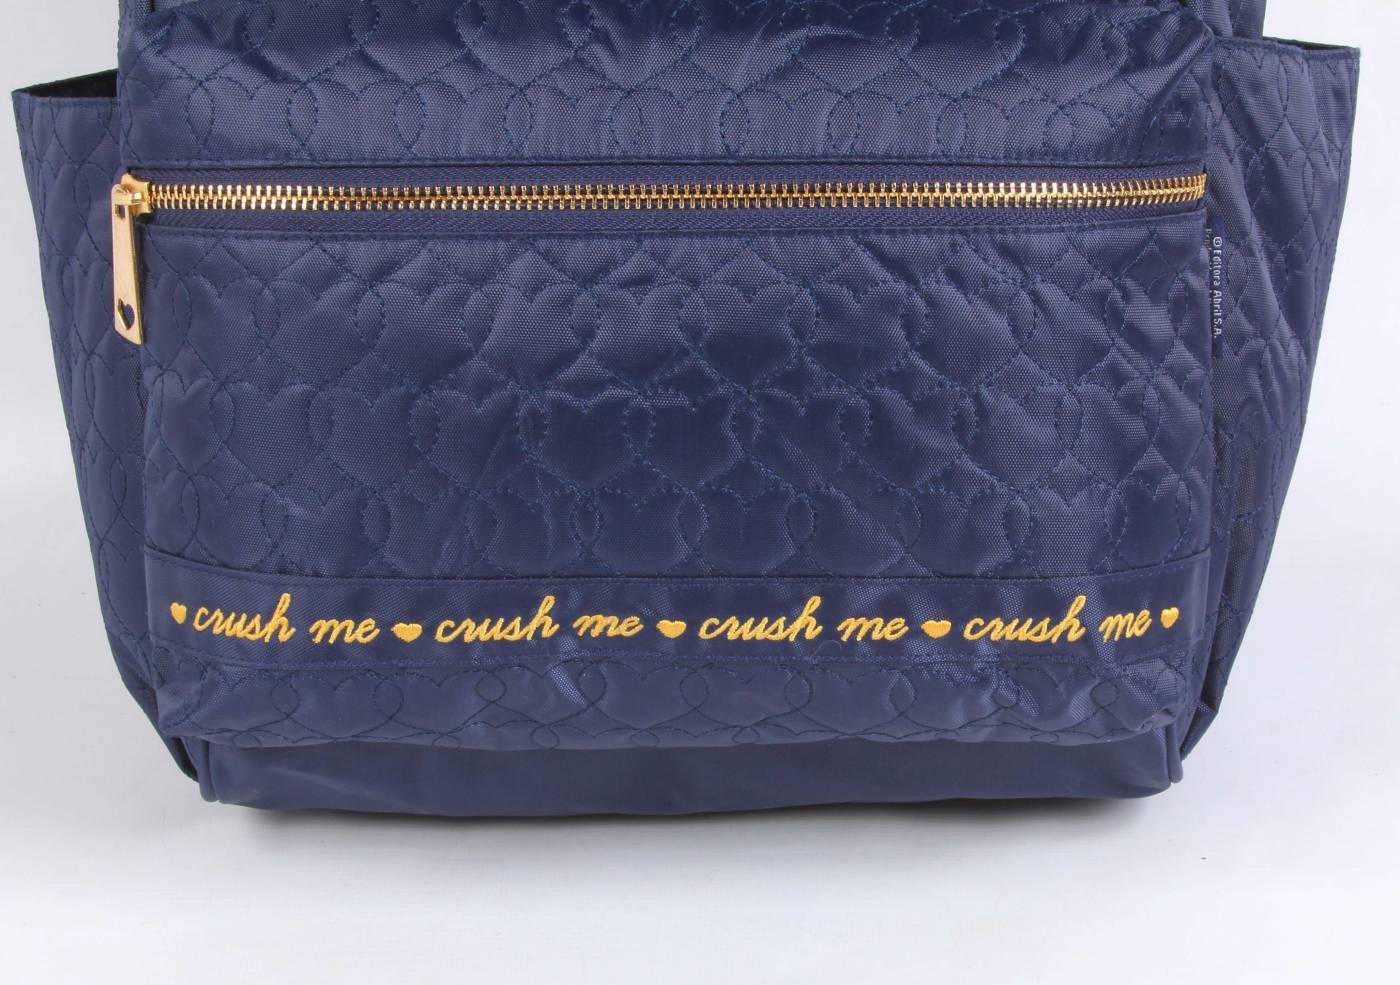 Mochila DMW Capricho Corações 11345 - Azul Marinho